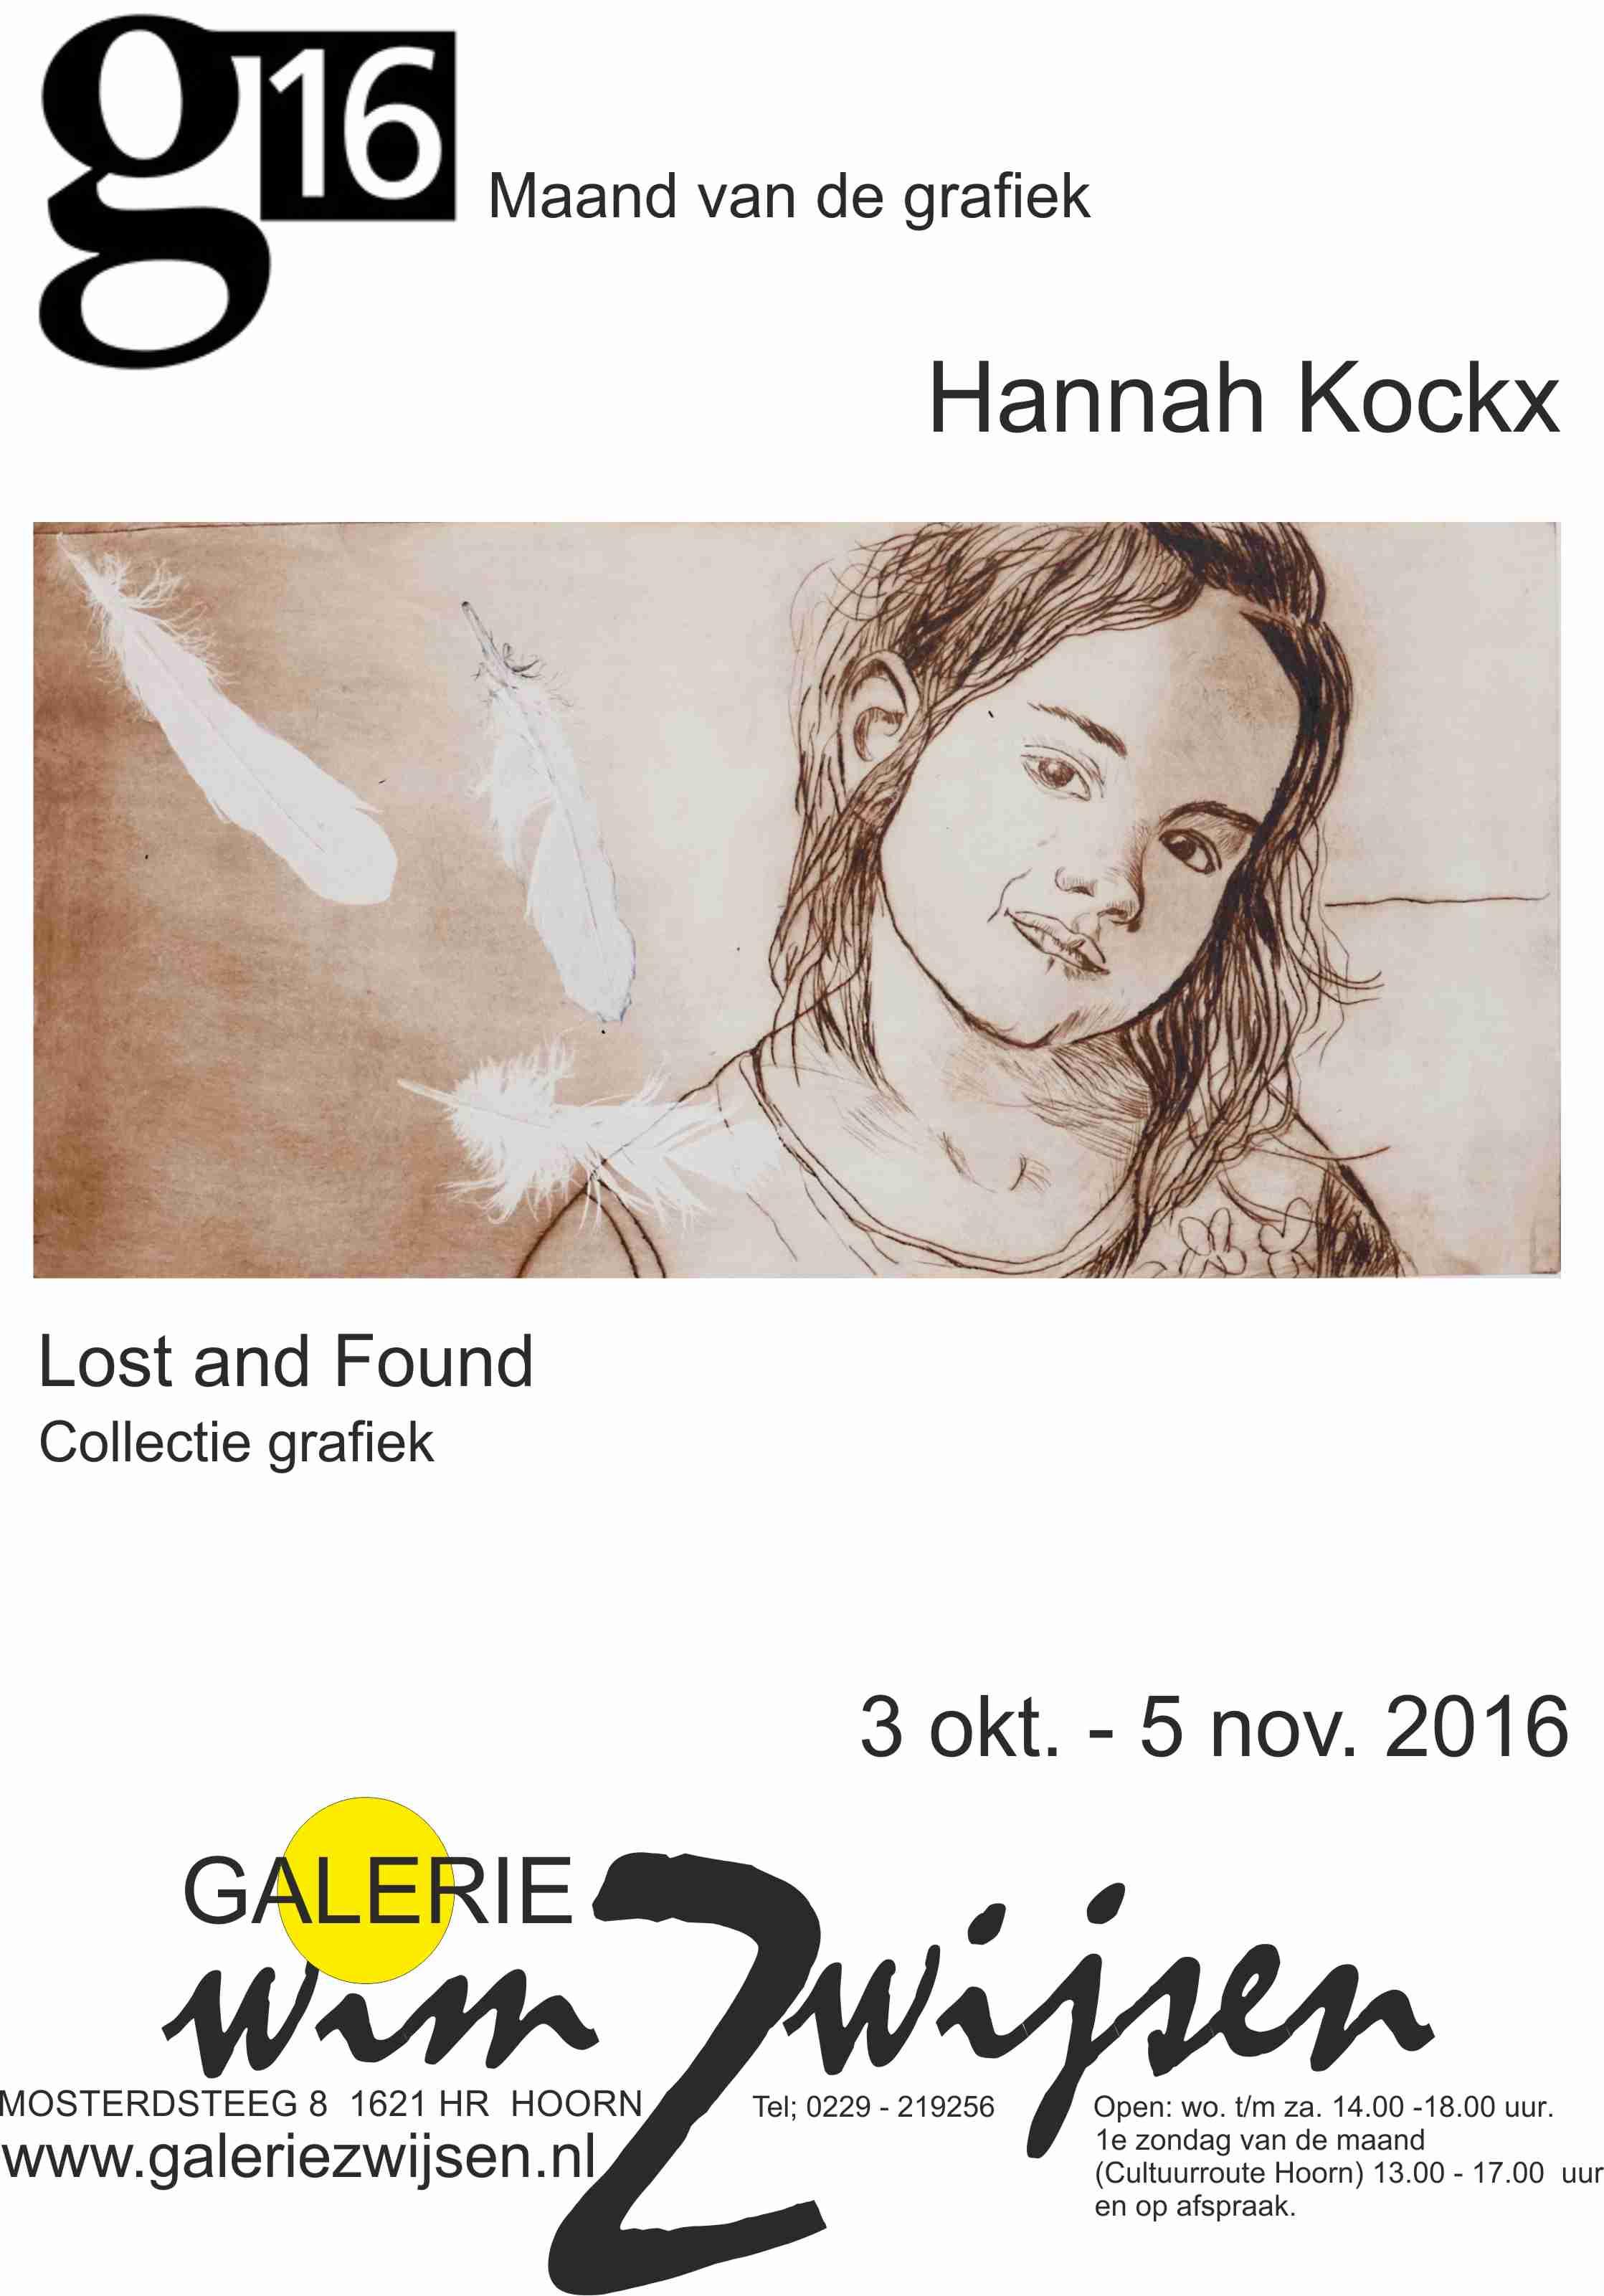 Hannah Kockx